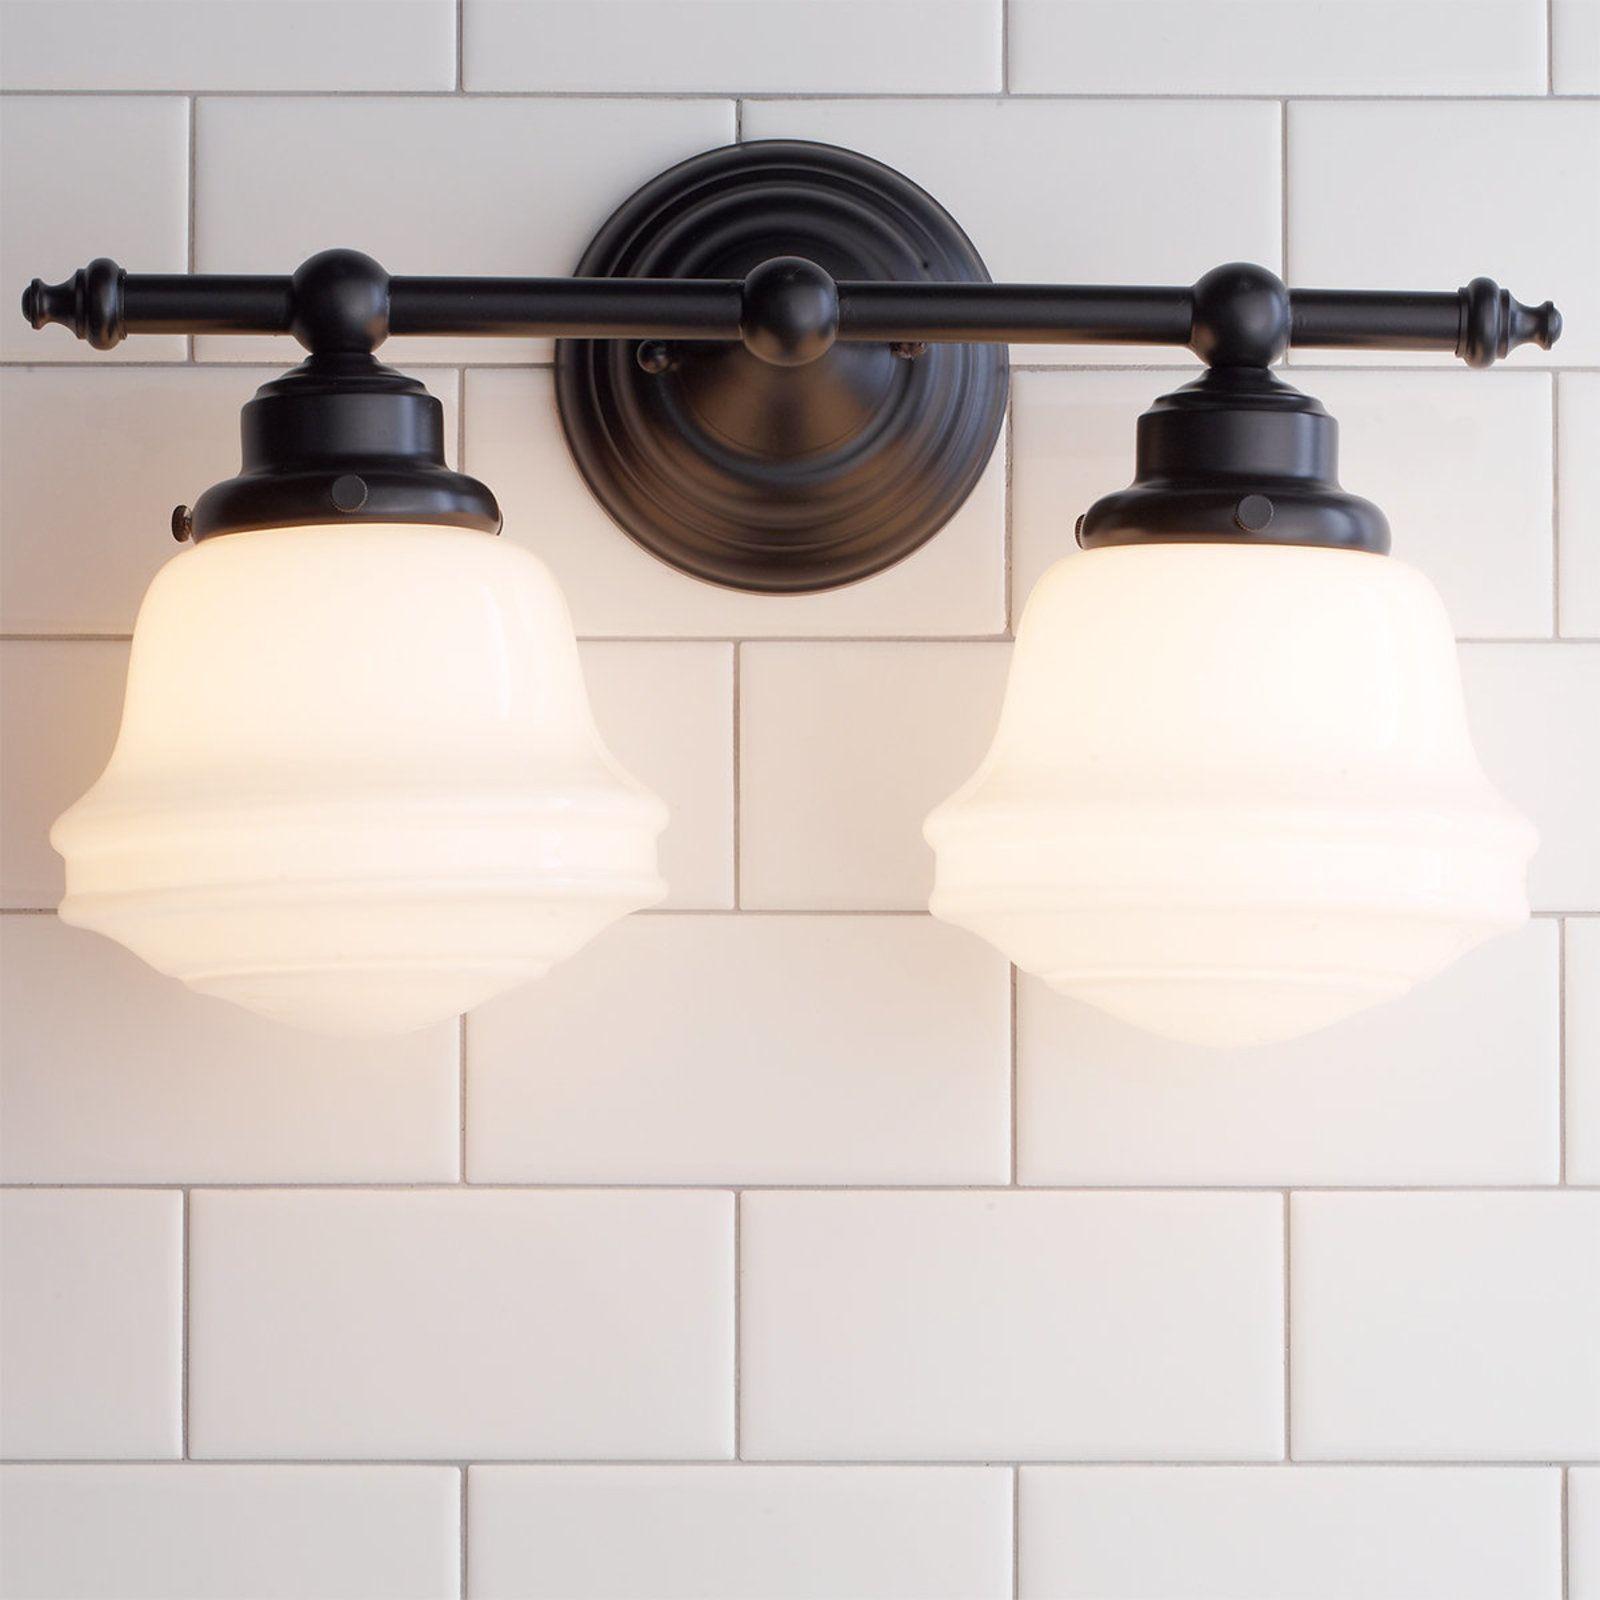 light fixtures oil rubbed bathroom bronze popular